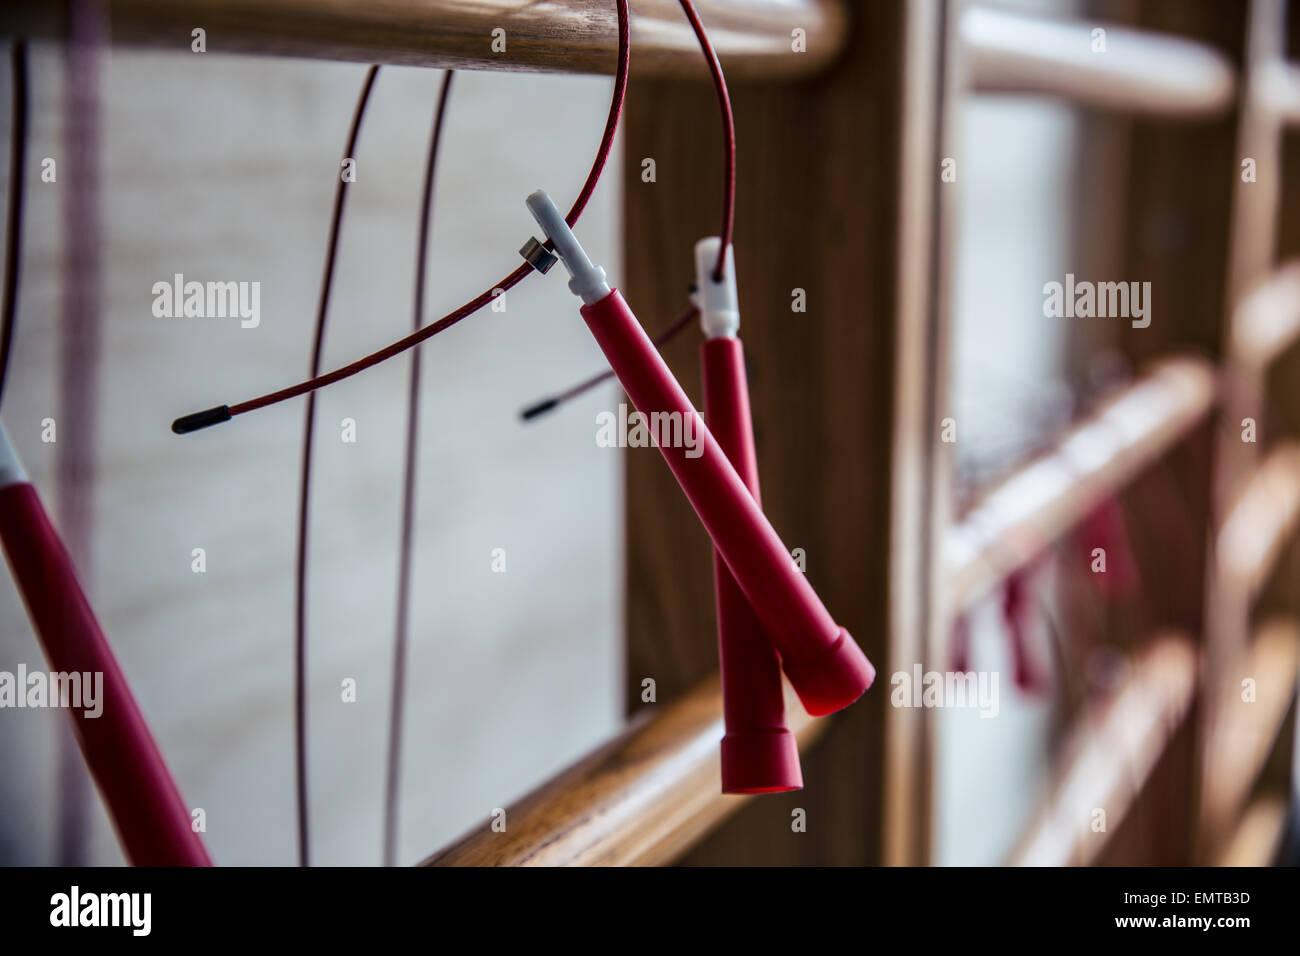 Primer plano de la imagen de una saltar la cuerda en la pared bares Imagen De Stock